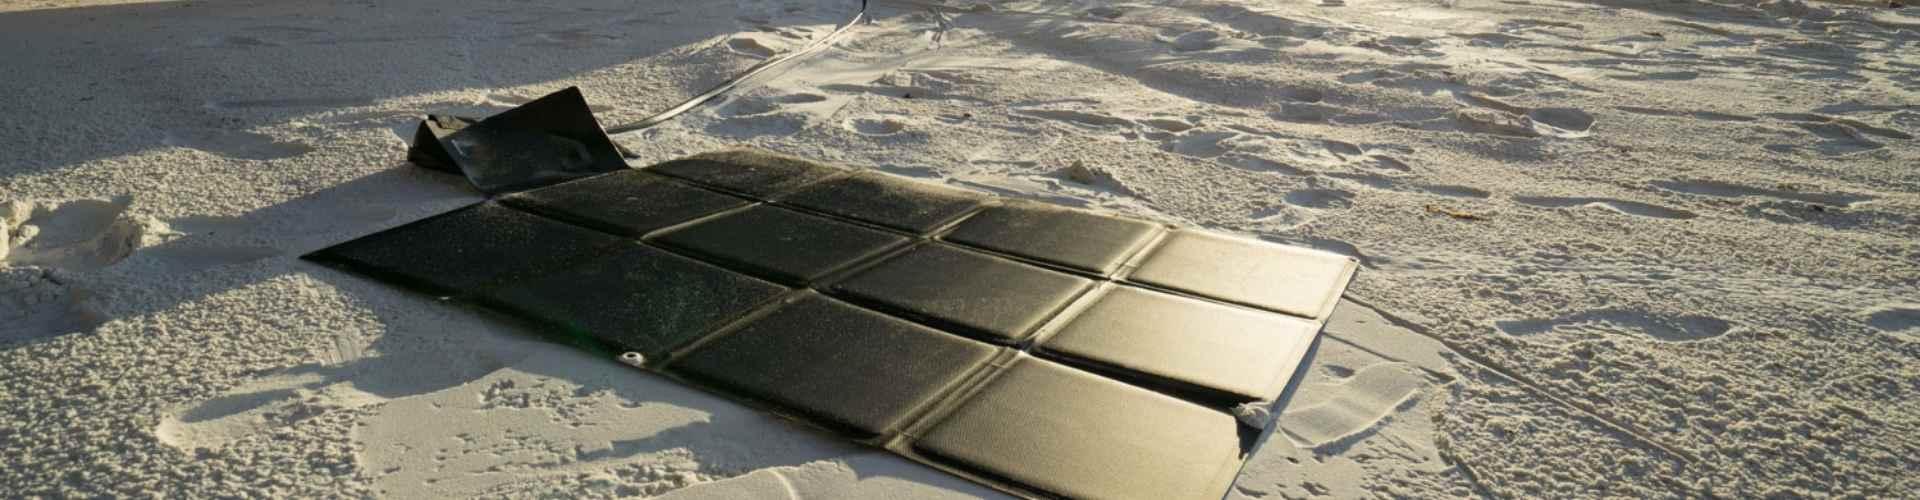 flexible solar panel for travel